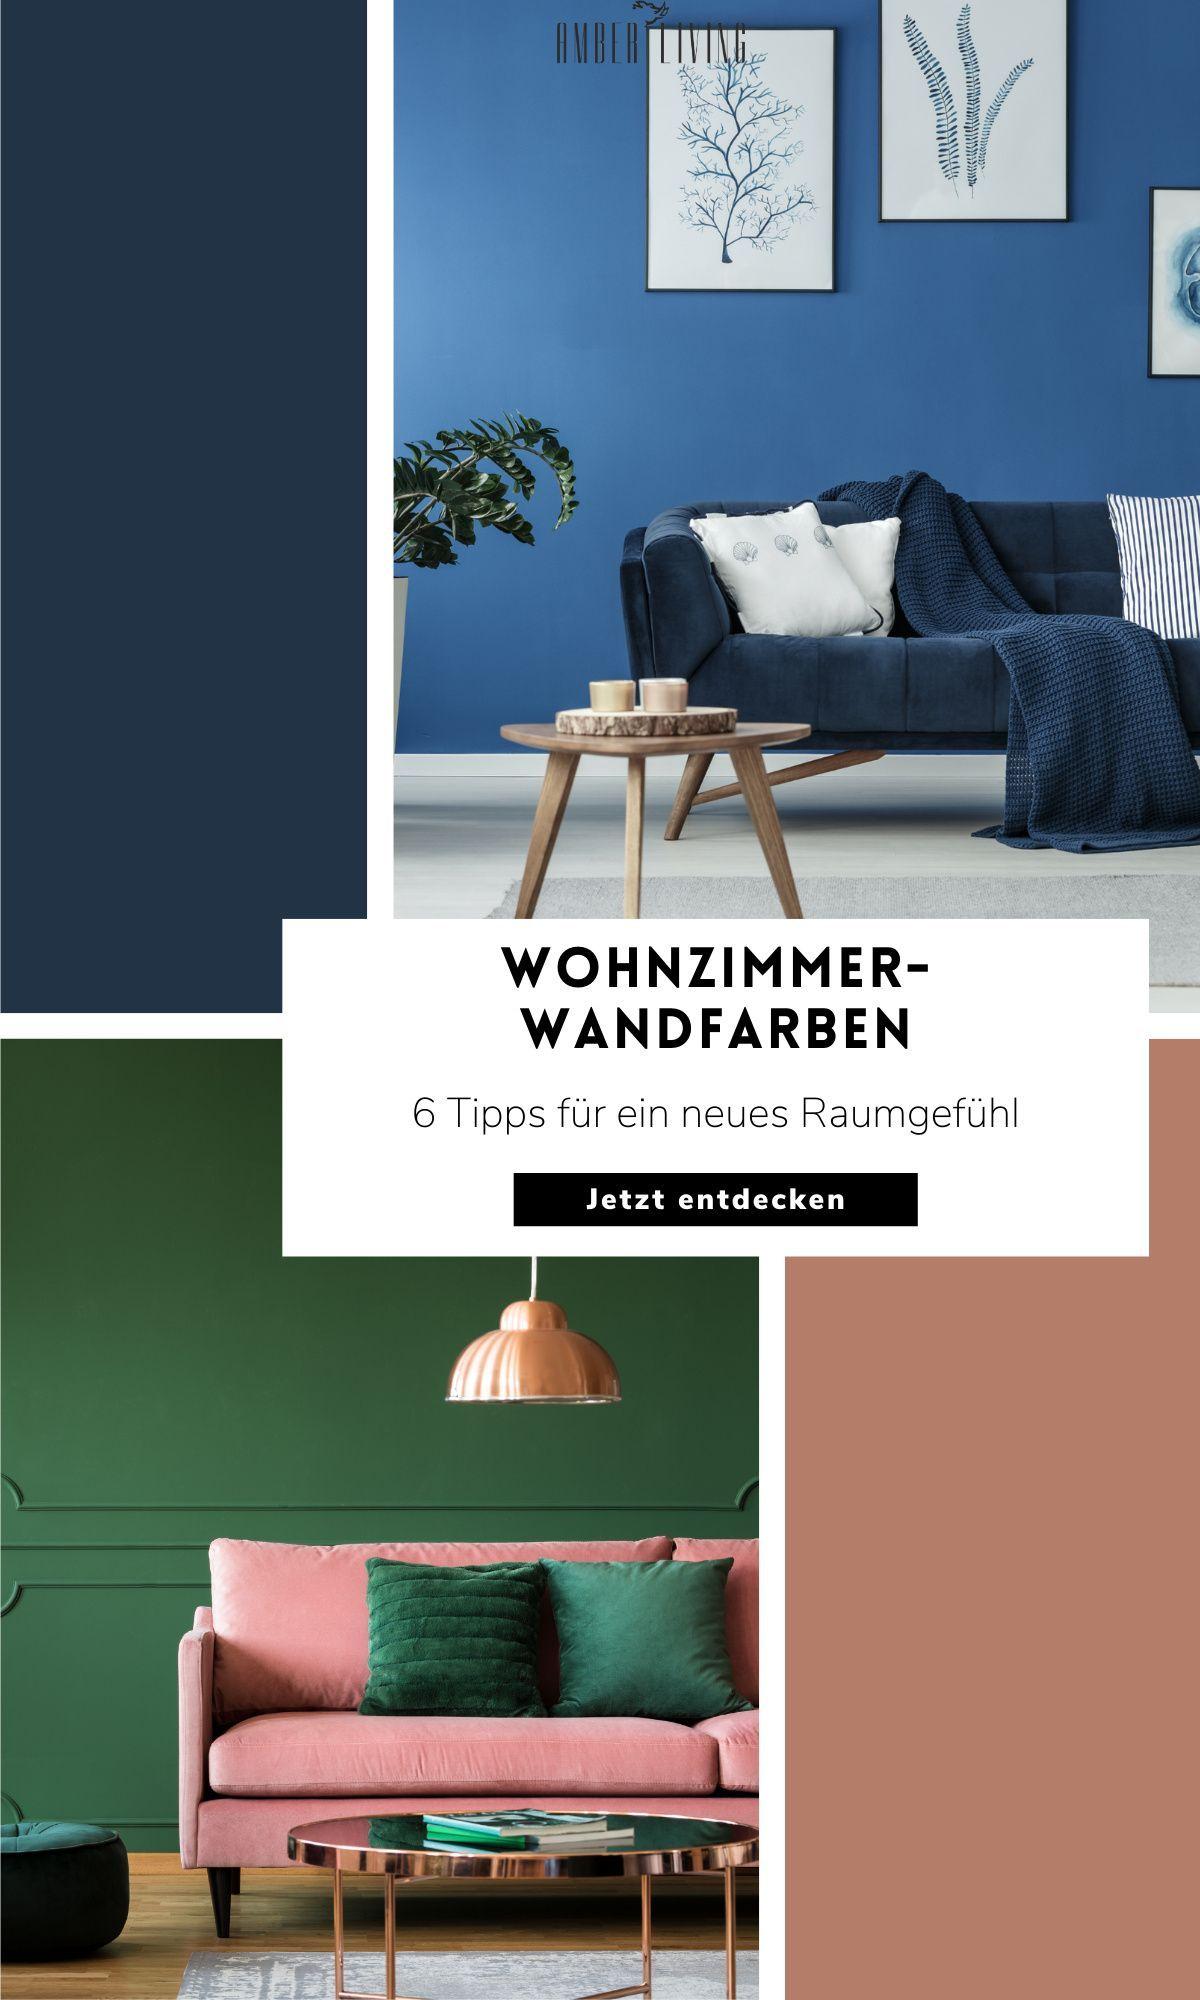 Farb Ideen Für Wohnzimmer Wandfarbe Wohnzimmer Wohnzimmer Wandfarbe